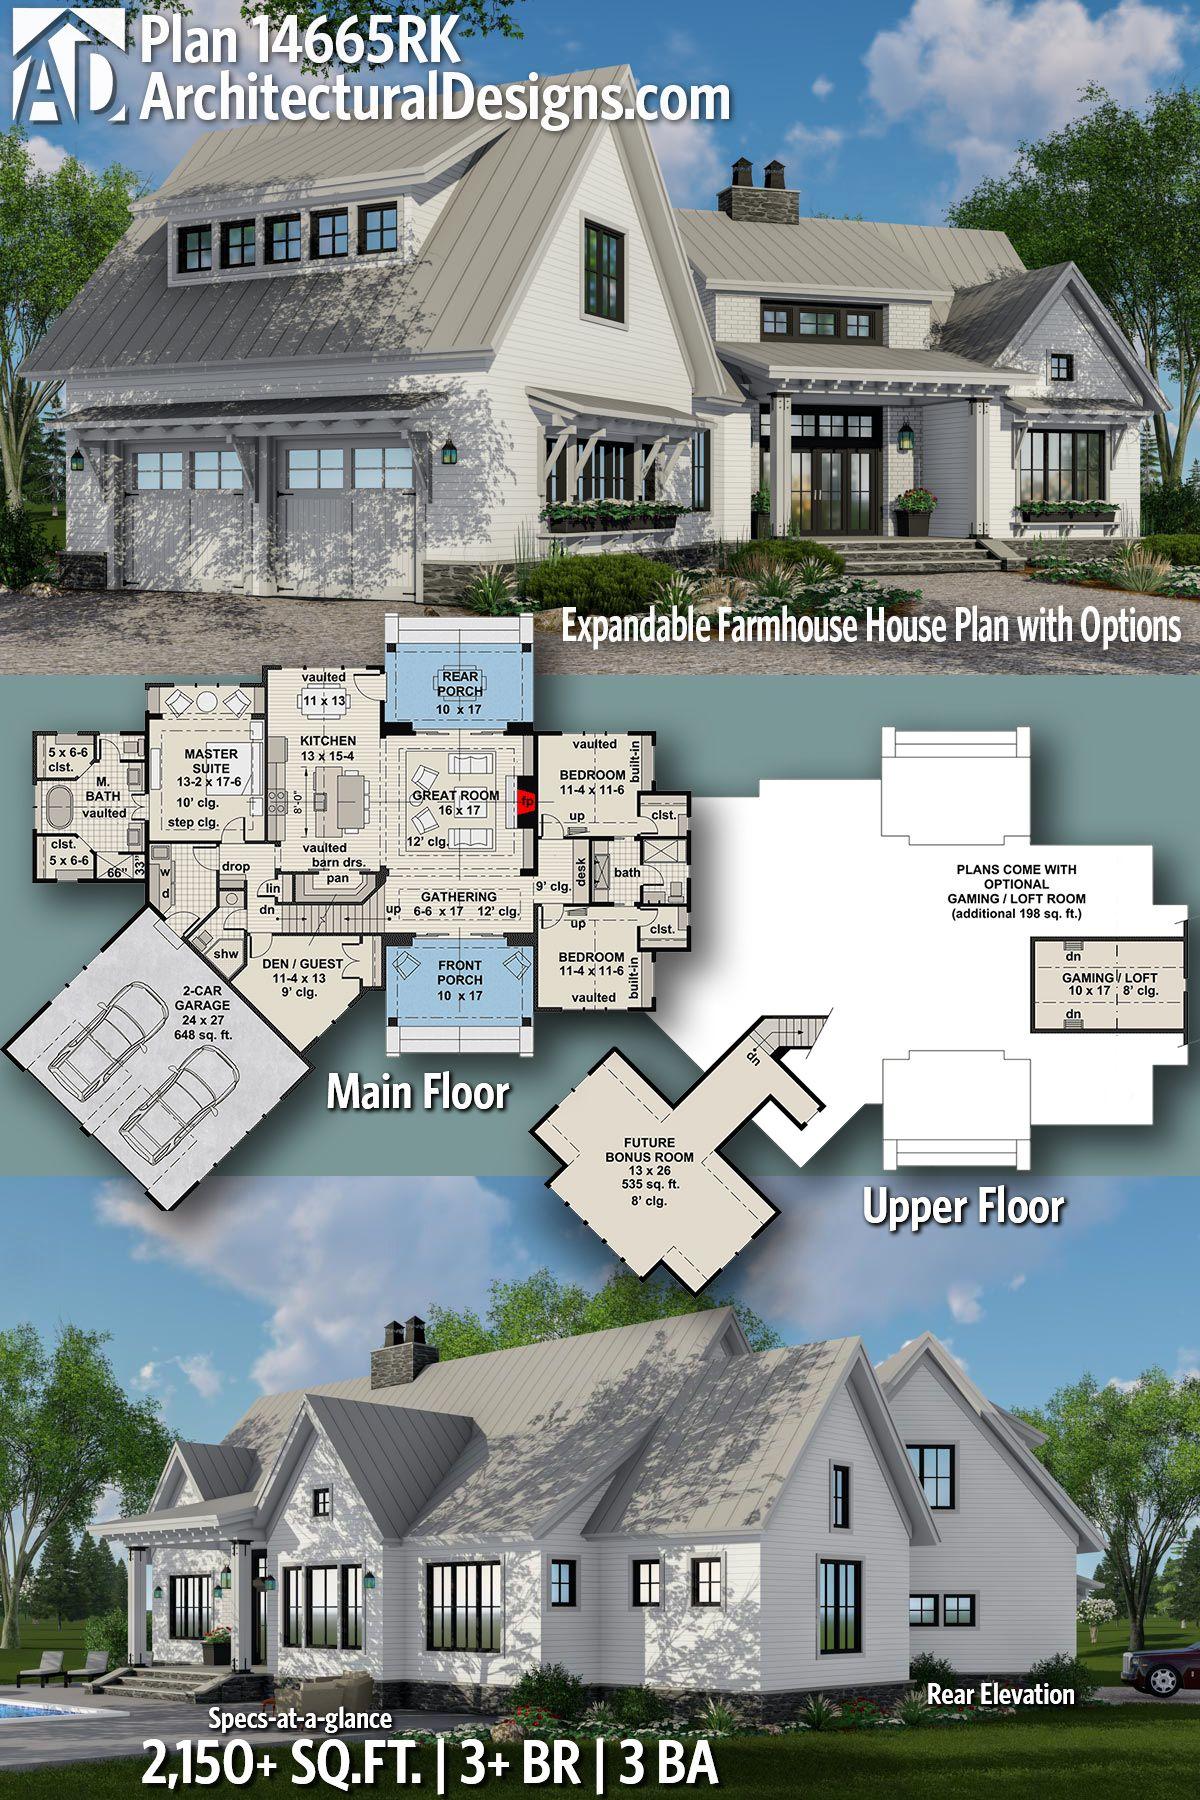 Architectural Designs Modern Farmhouse Plan 14665RK has